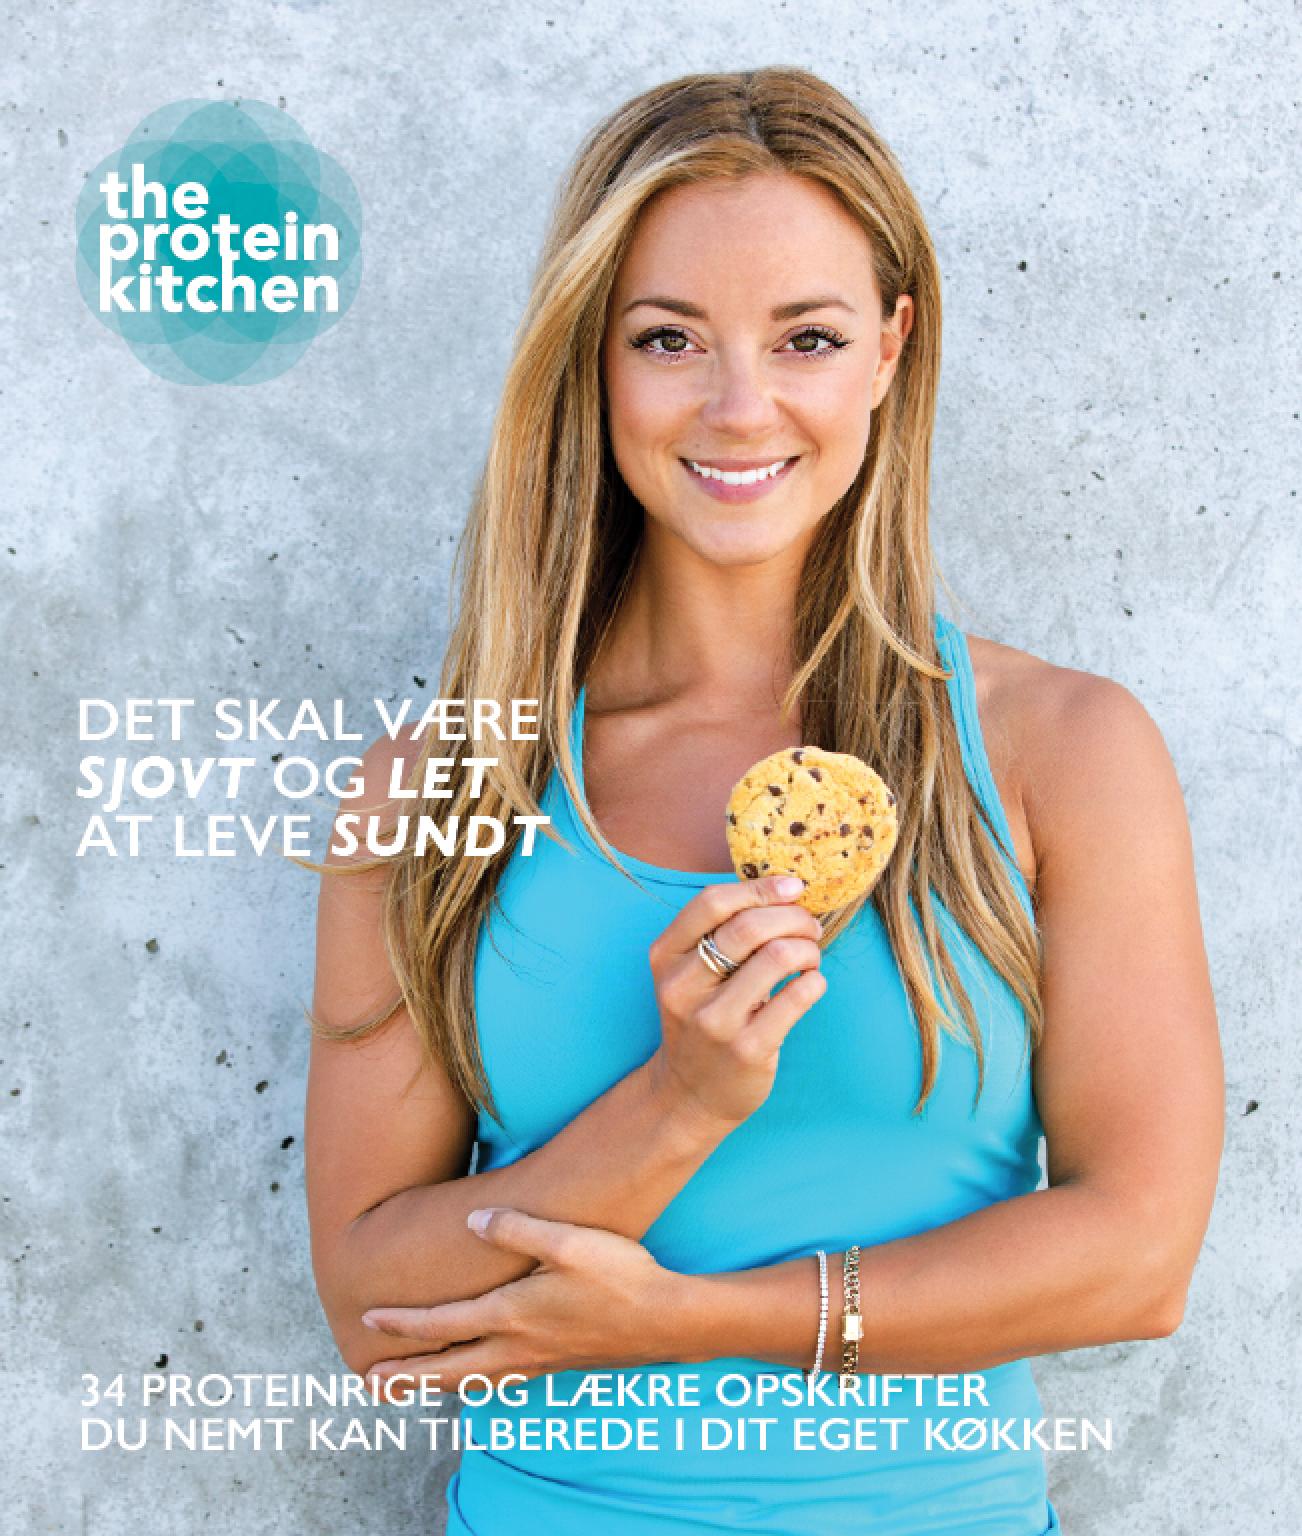 The Protein Kitchen